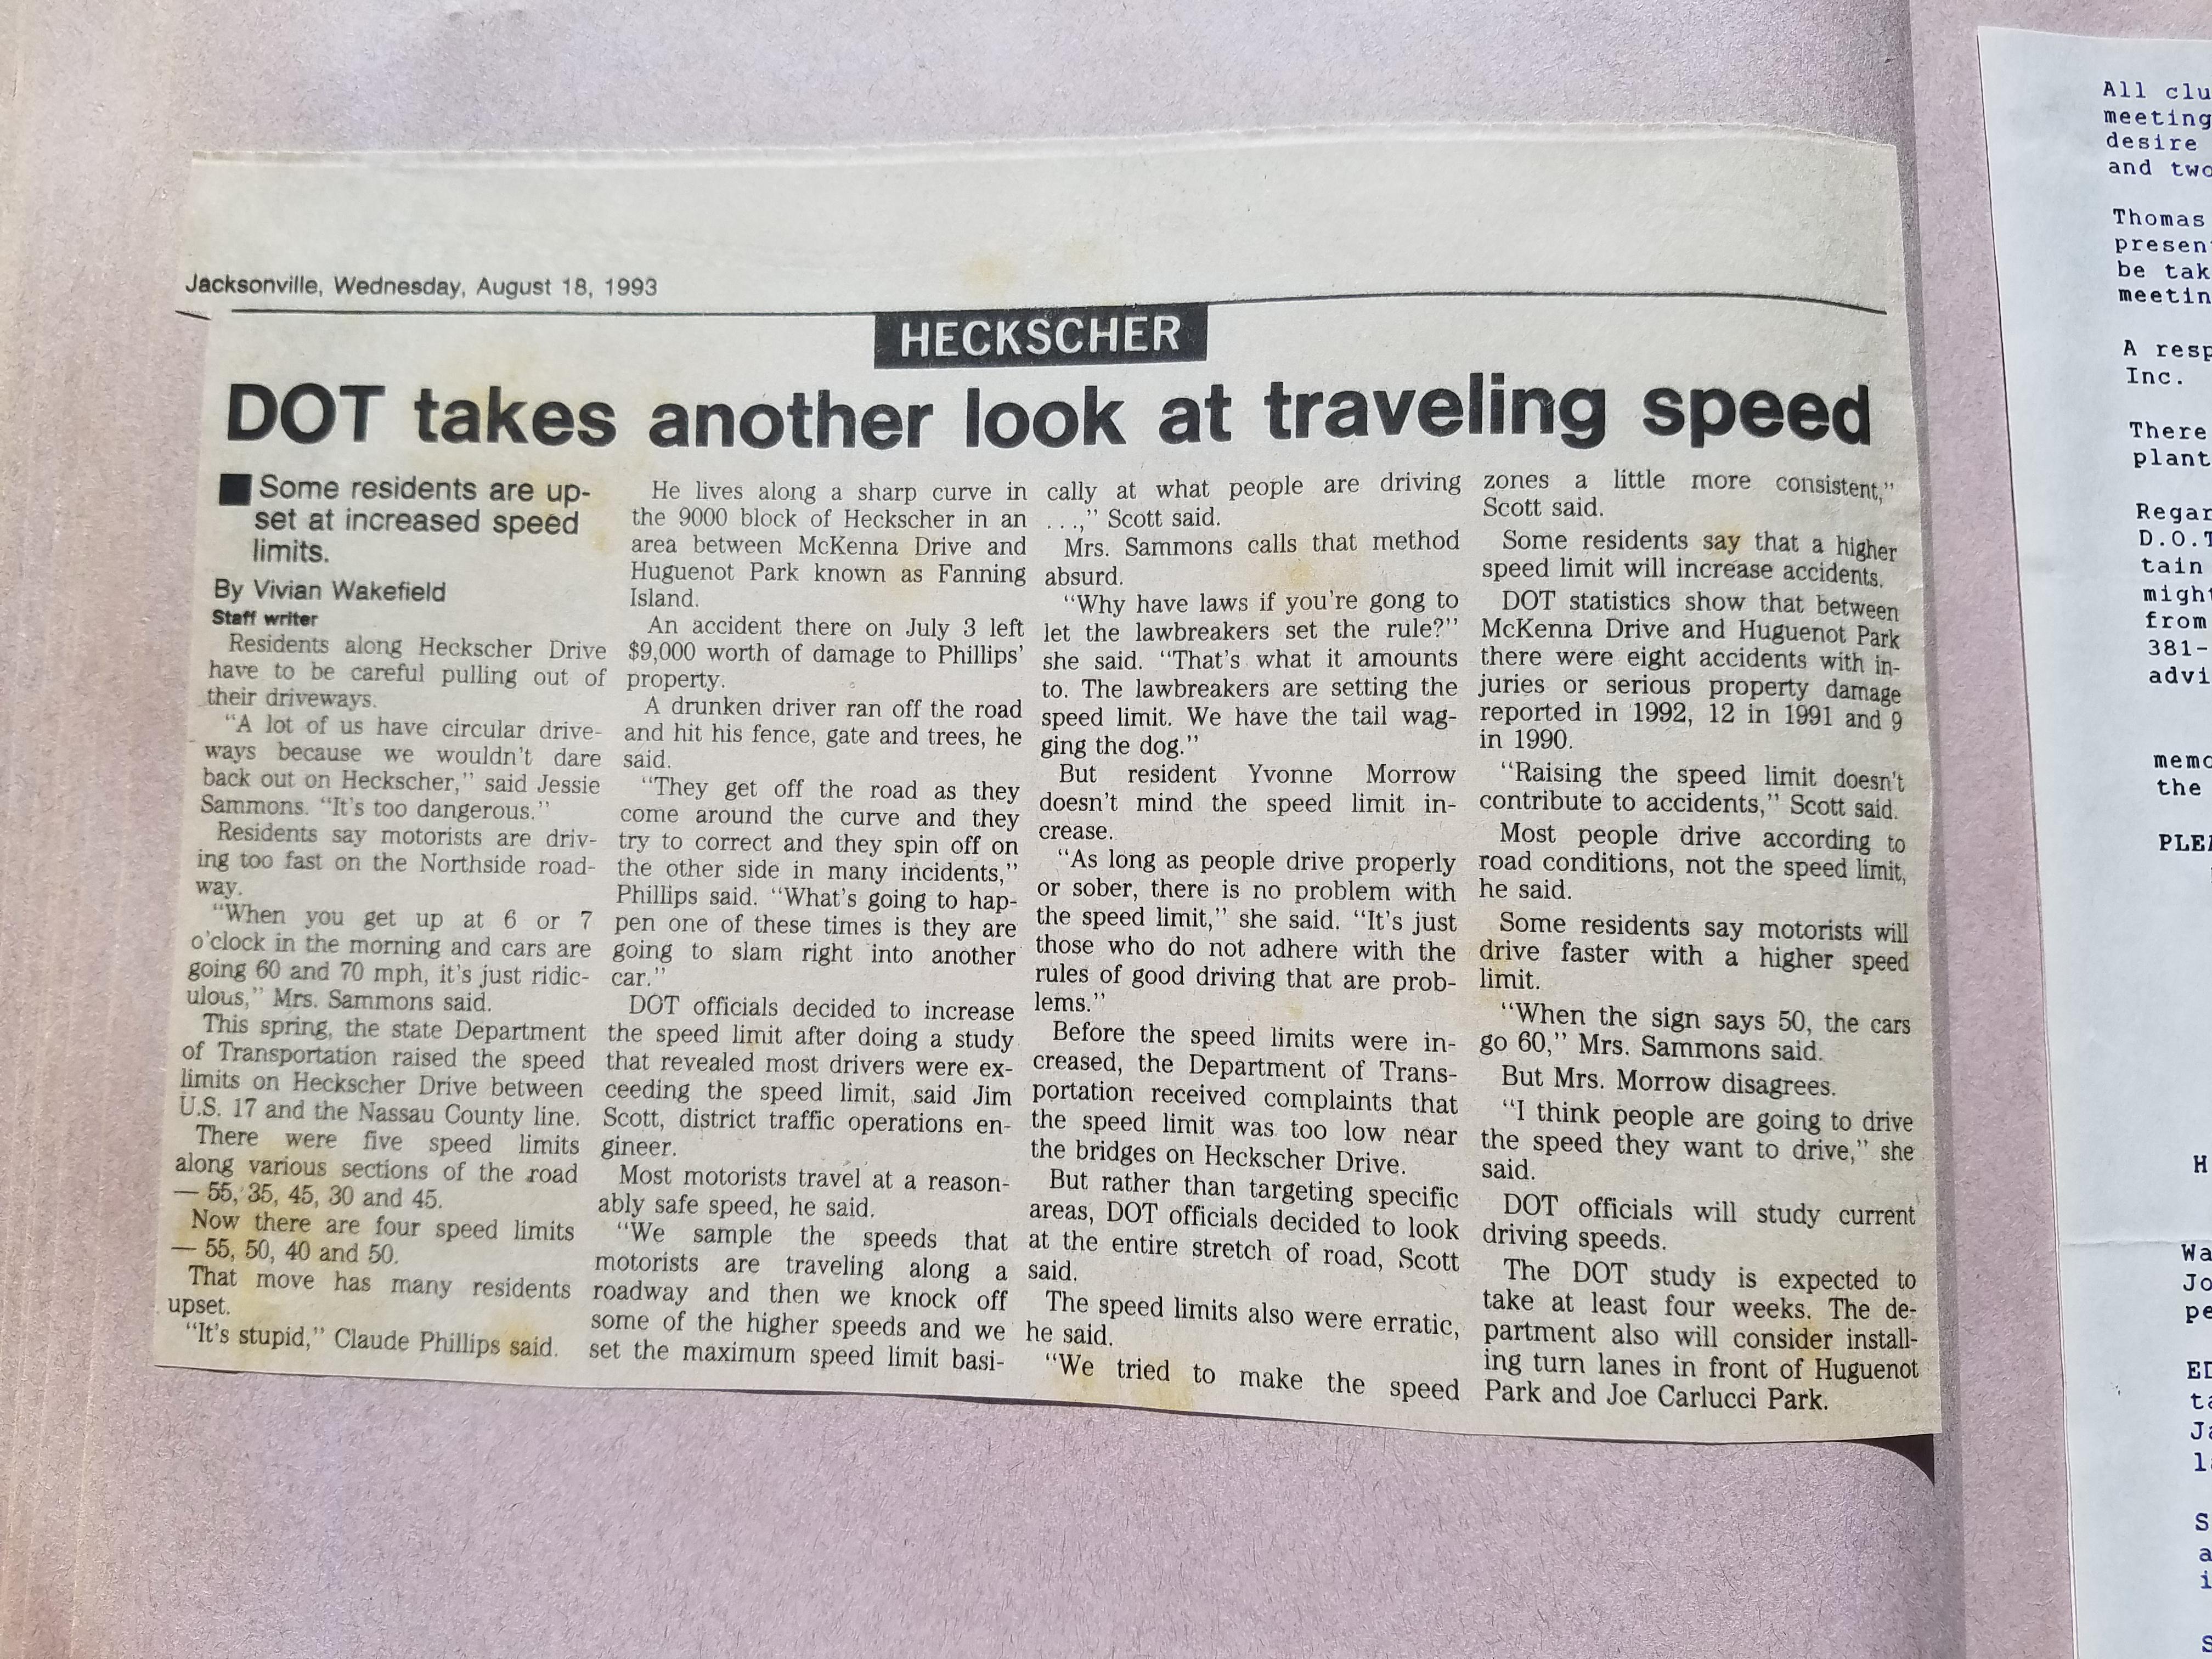 Speeding on Heckscher Drive